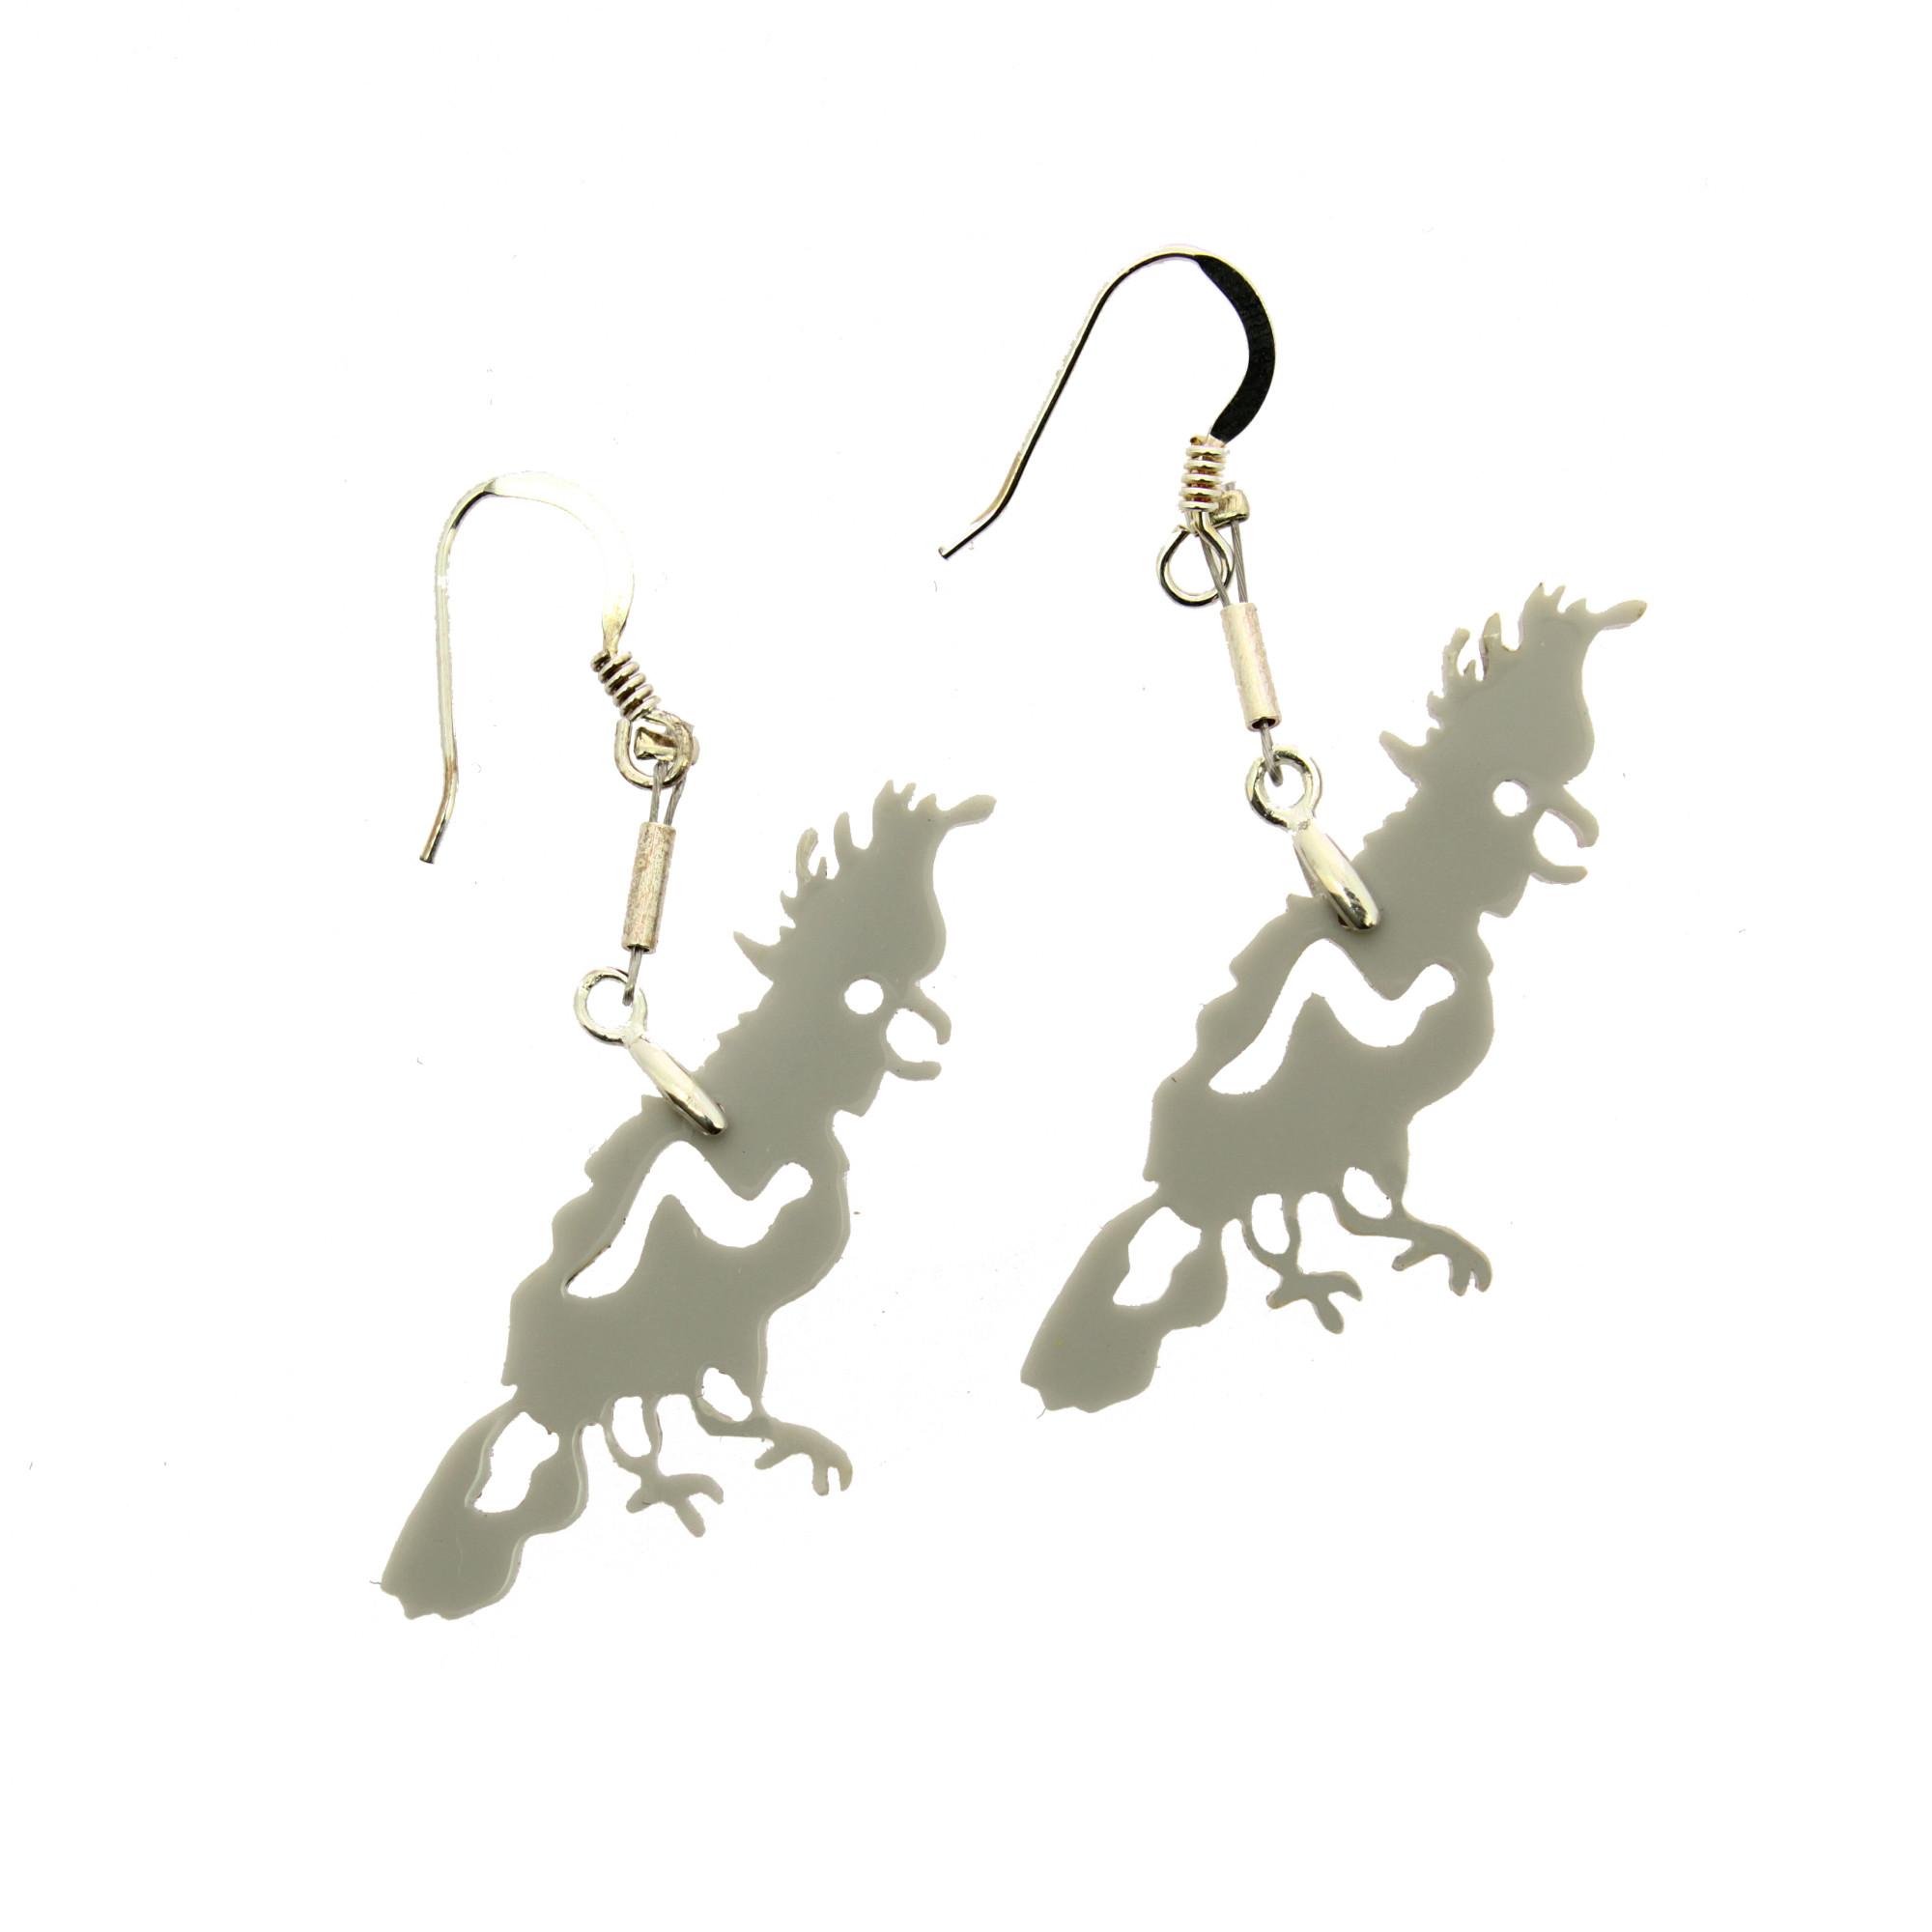 zoom Cacatua methacrylate earrings